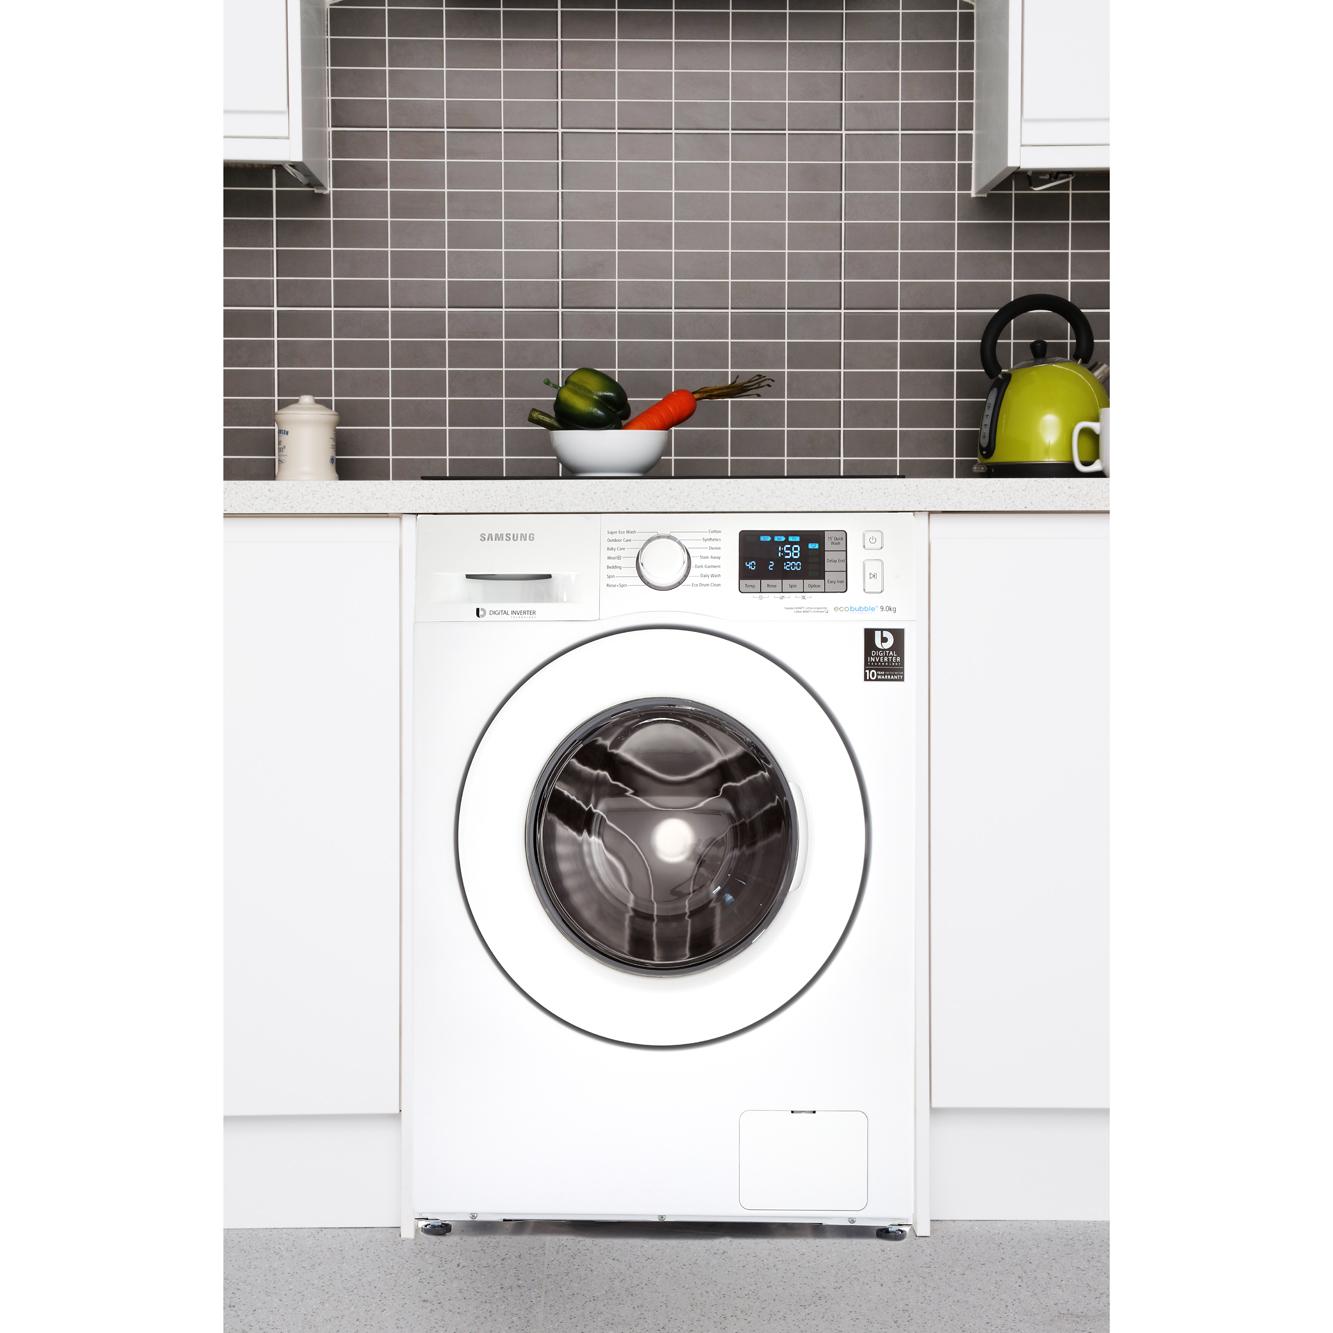 samsung 7kg washing machine manual